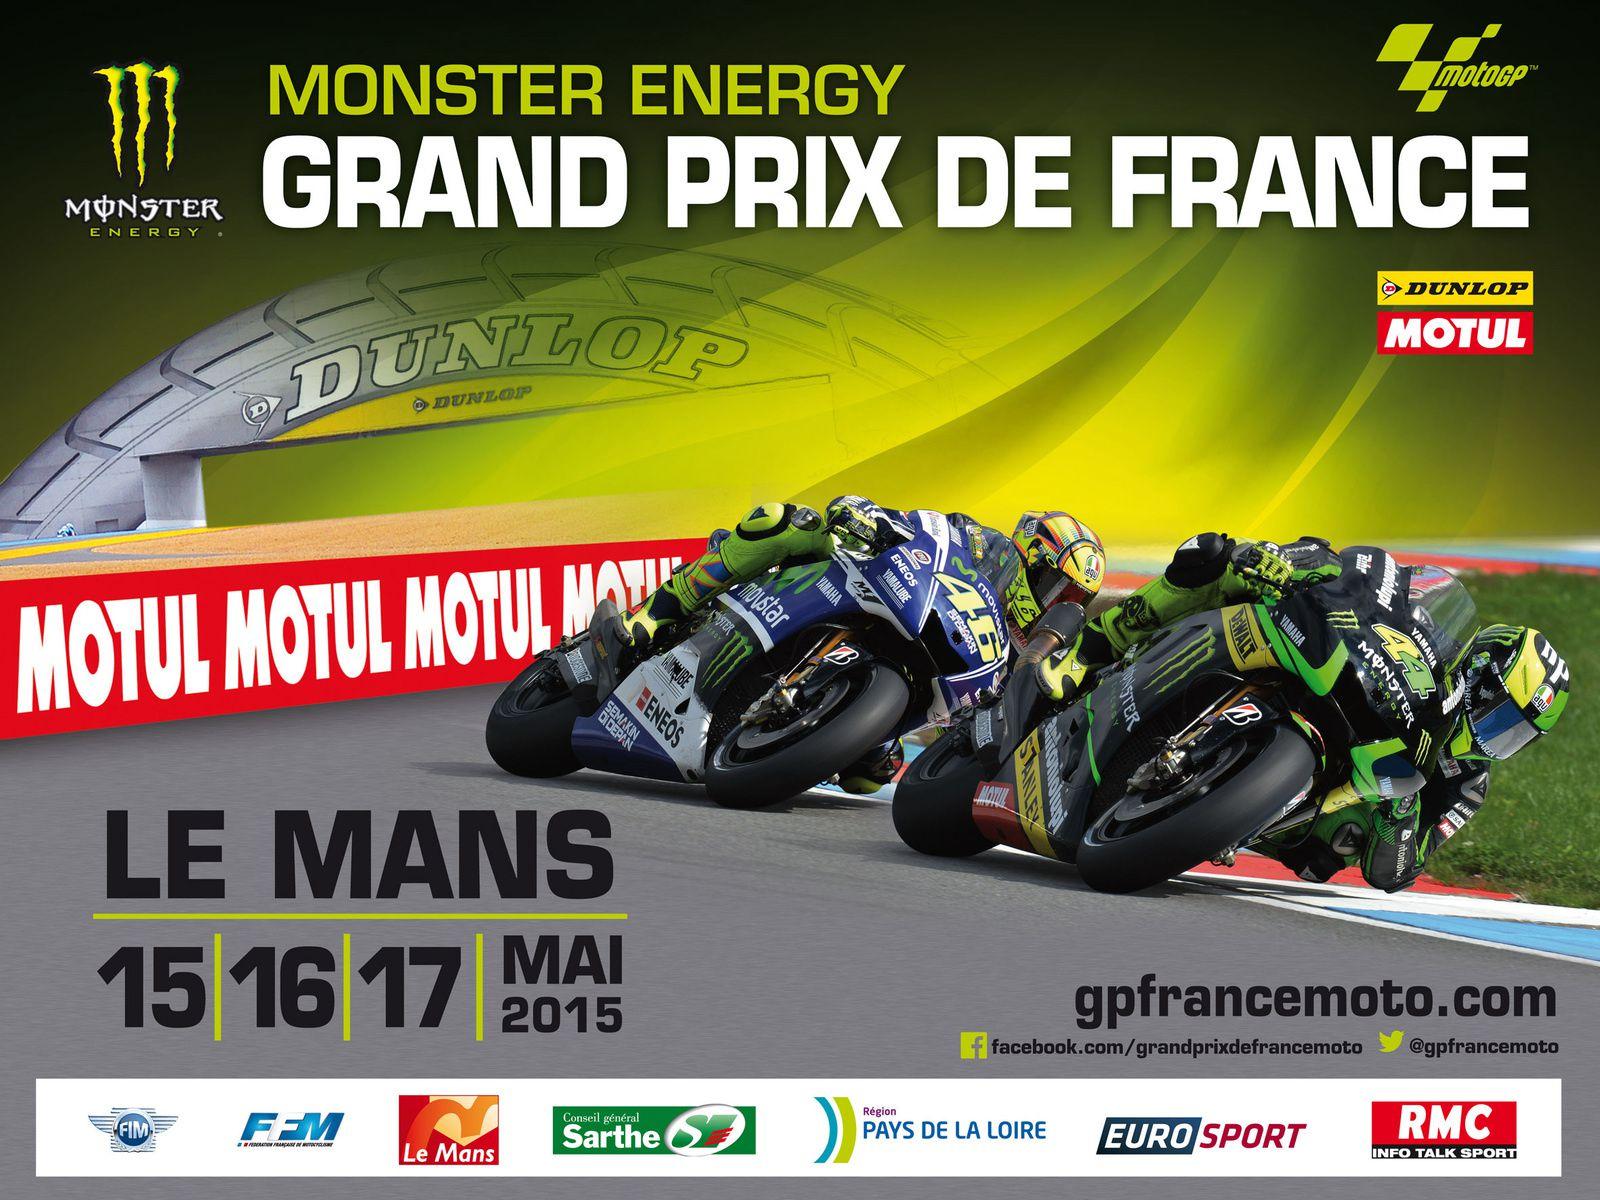 Bravo encore aux pilotes pour leurs performances ! Excellente présentation de ce Motogp qui se déroulera au Mans le 15, 16 et 17 Mai prochain ! Tenez vous informer